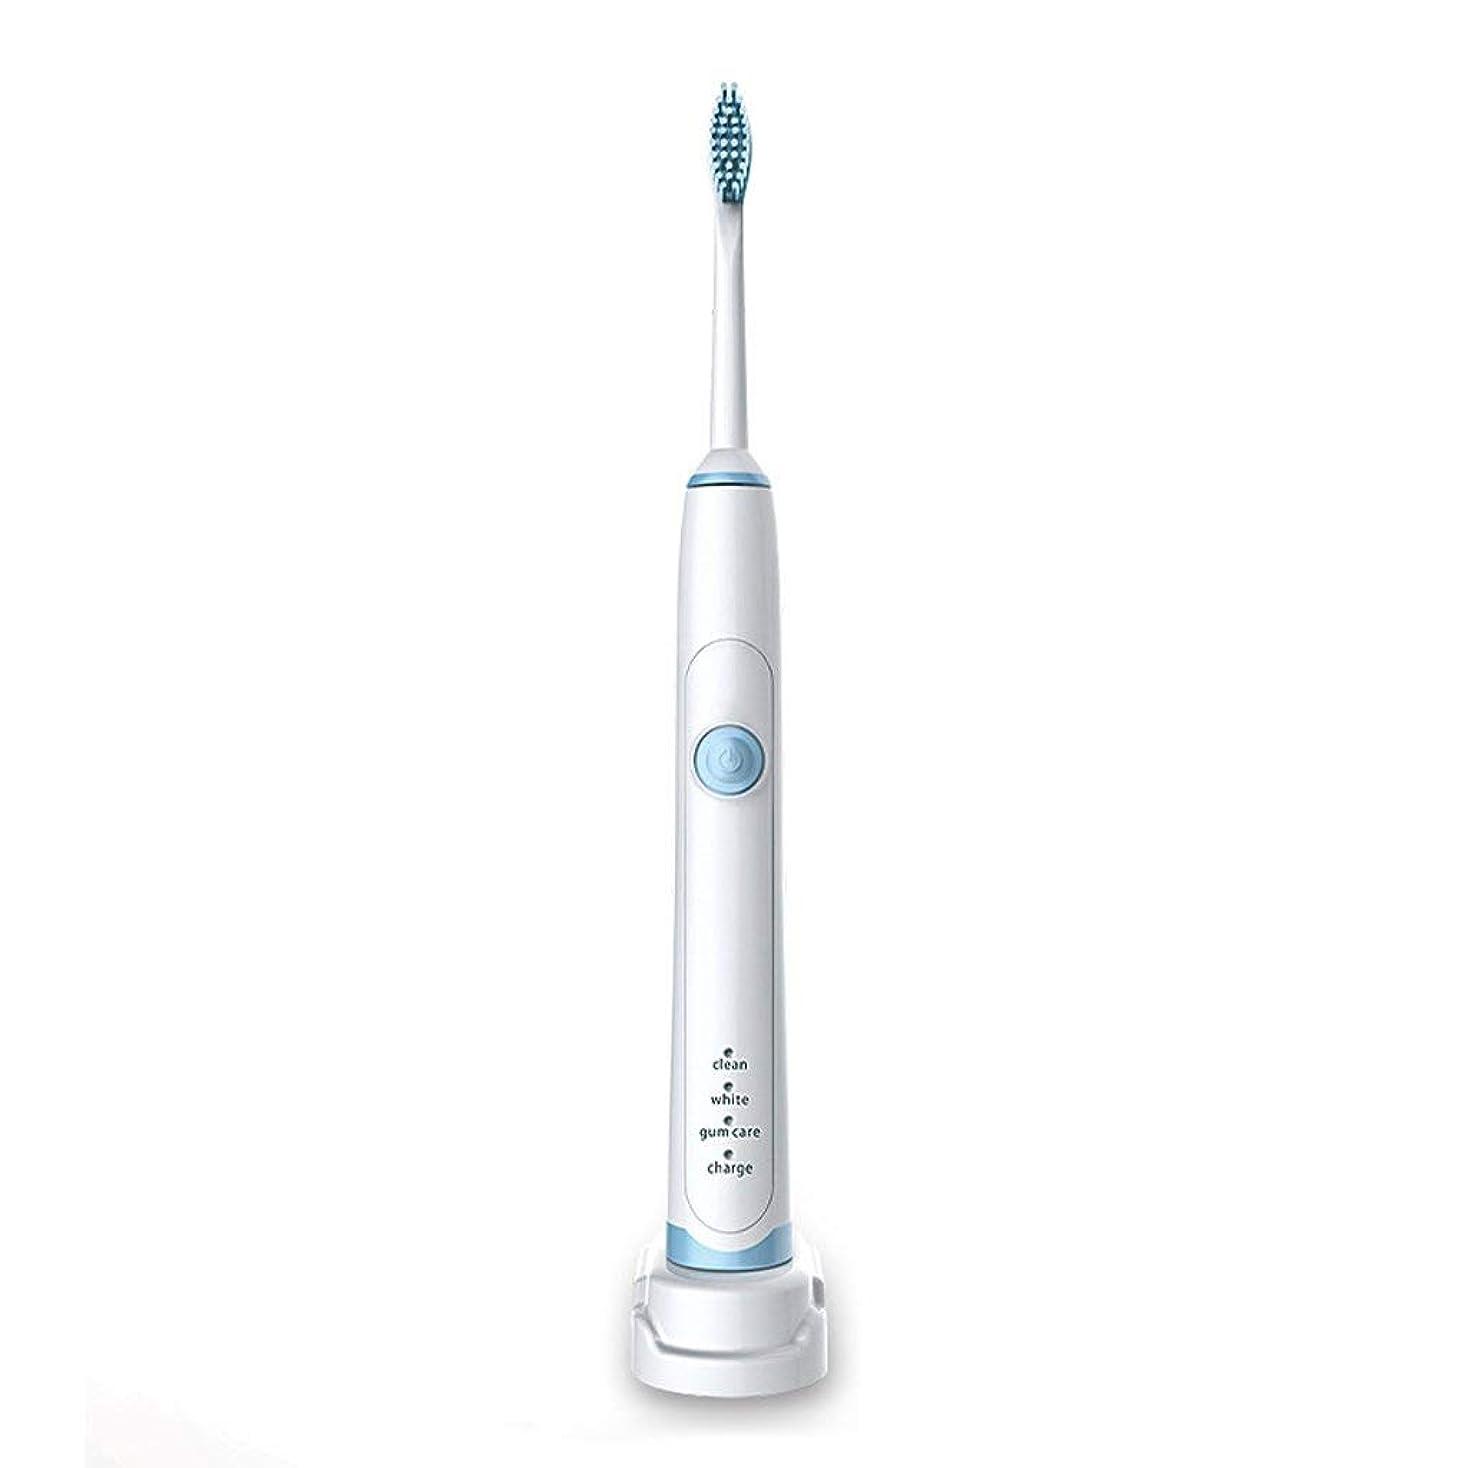 傾向があります電気タイル超音波電動歯ブラシ誘導充電電動歯ブラシ防水完全洗濯可能2分スマートタイマー3ブラッシングモード